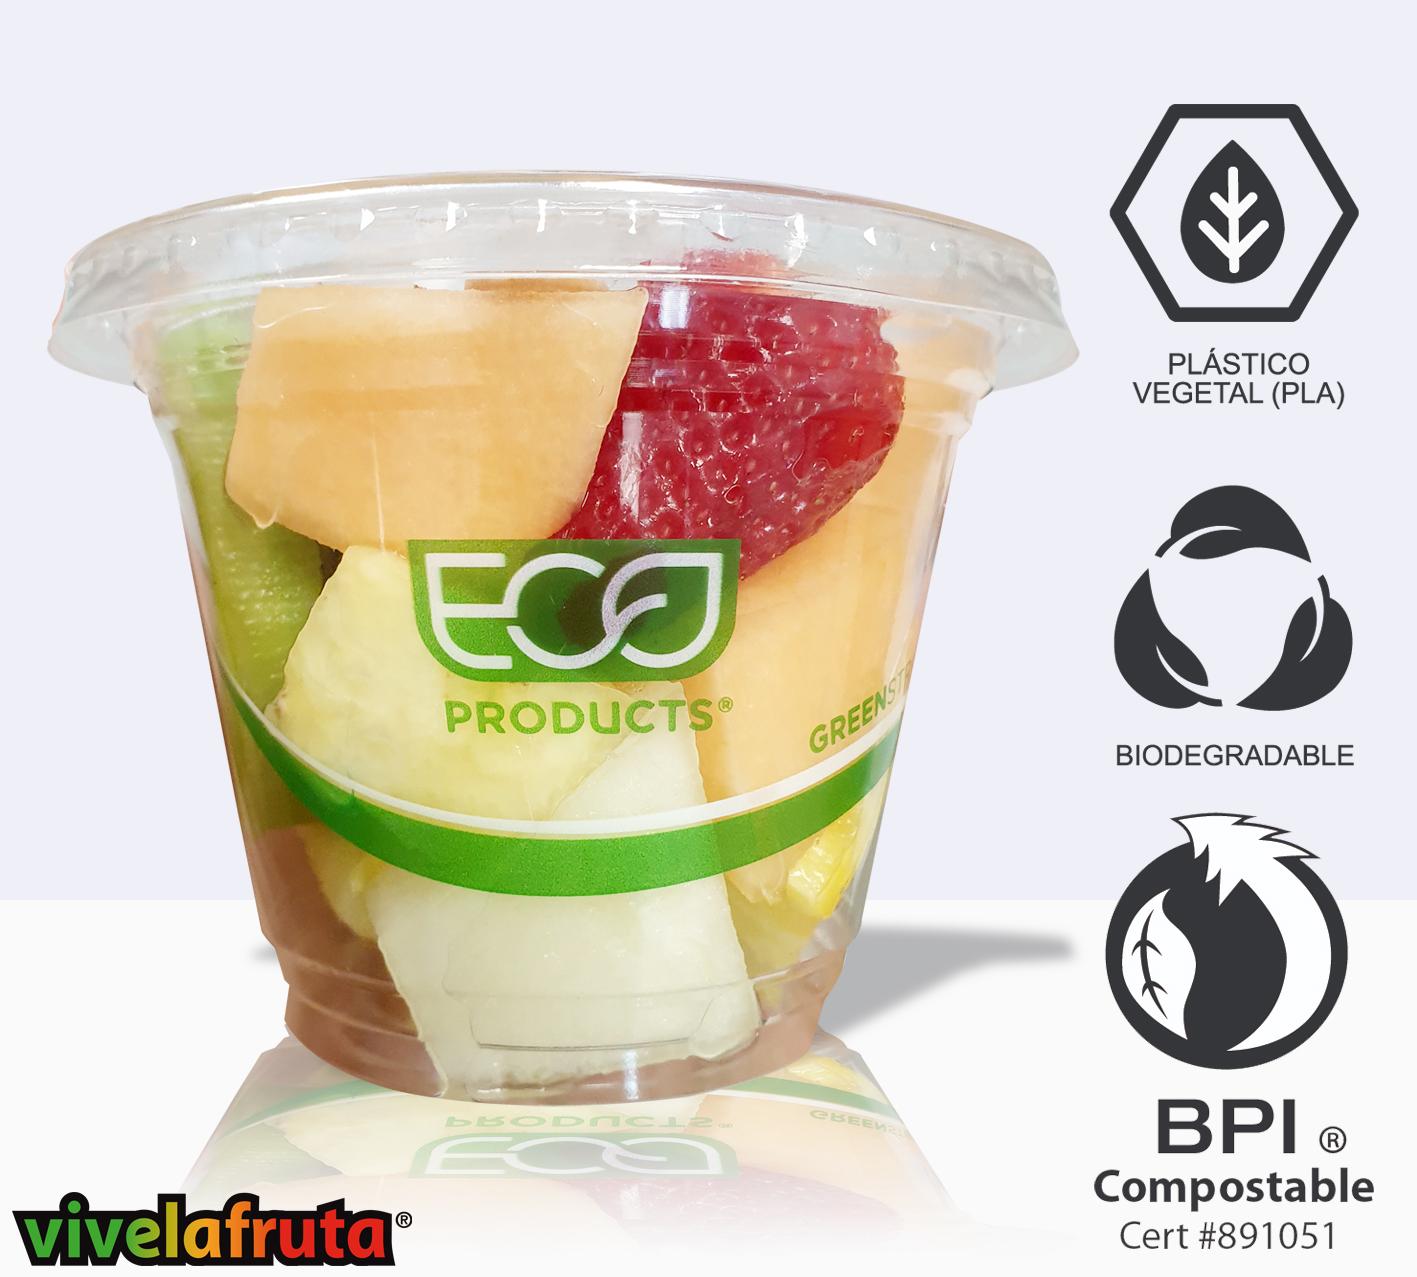 Vasito de plastico vegetal con fruta fresca variada